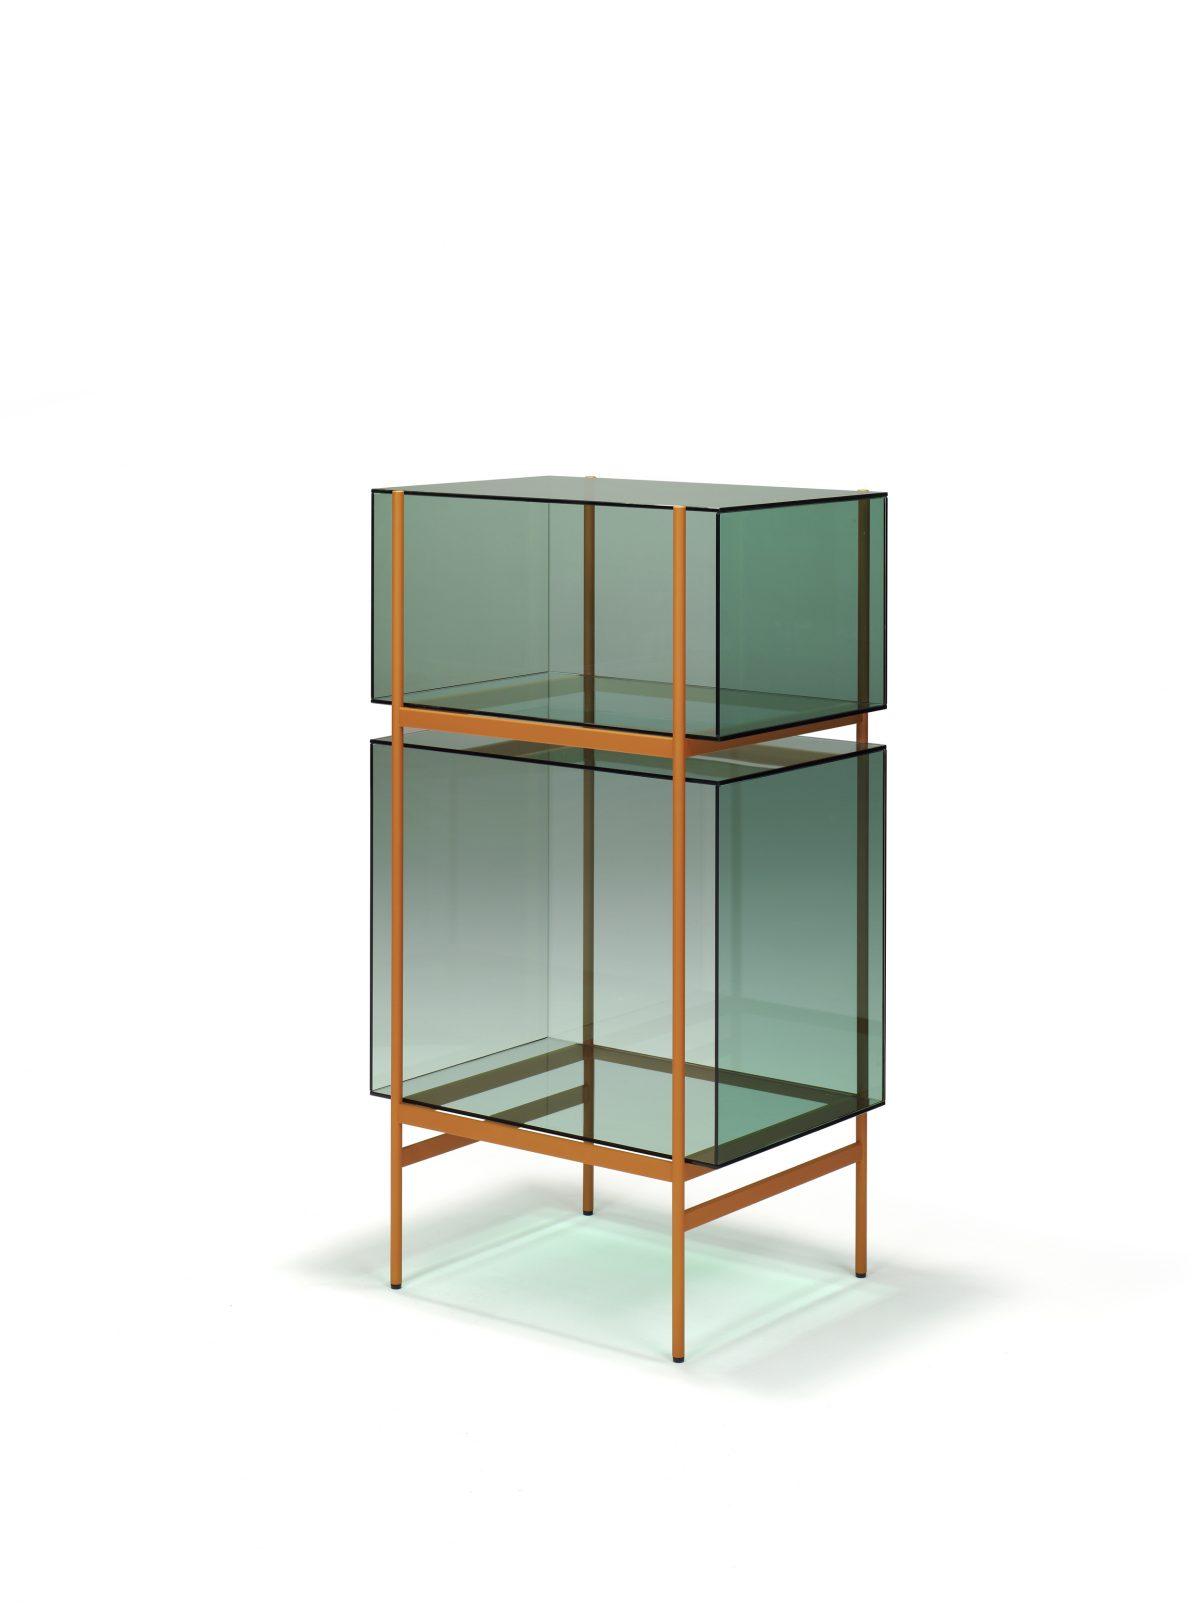 Kast LYN 2 Vakken Visser Meijwaard Exclusief Dutchdesign Oranje Frame Groen Glas JOSHH& 21